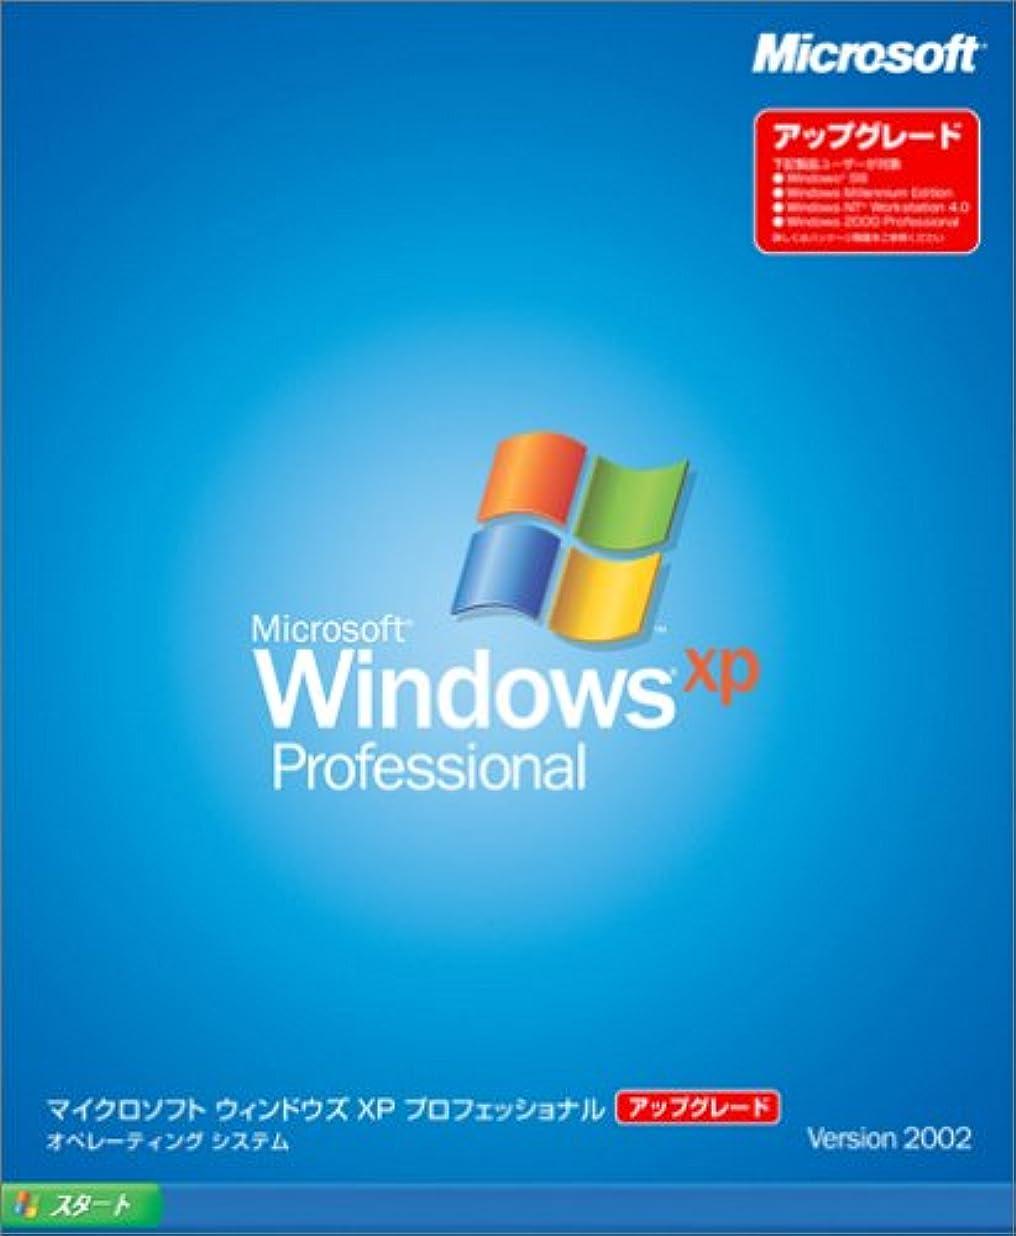 ステッチ派生する時々【旧商品/サポート終了】Microsoft  Windows XP Professional アップグレード版